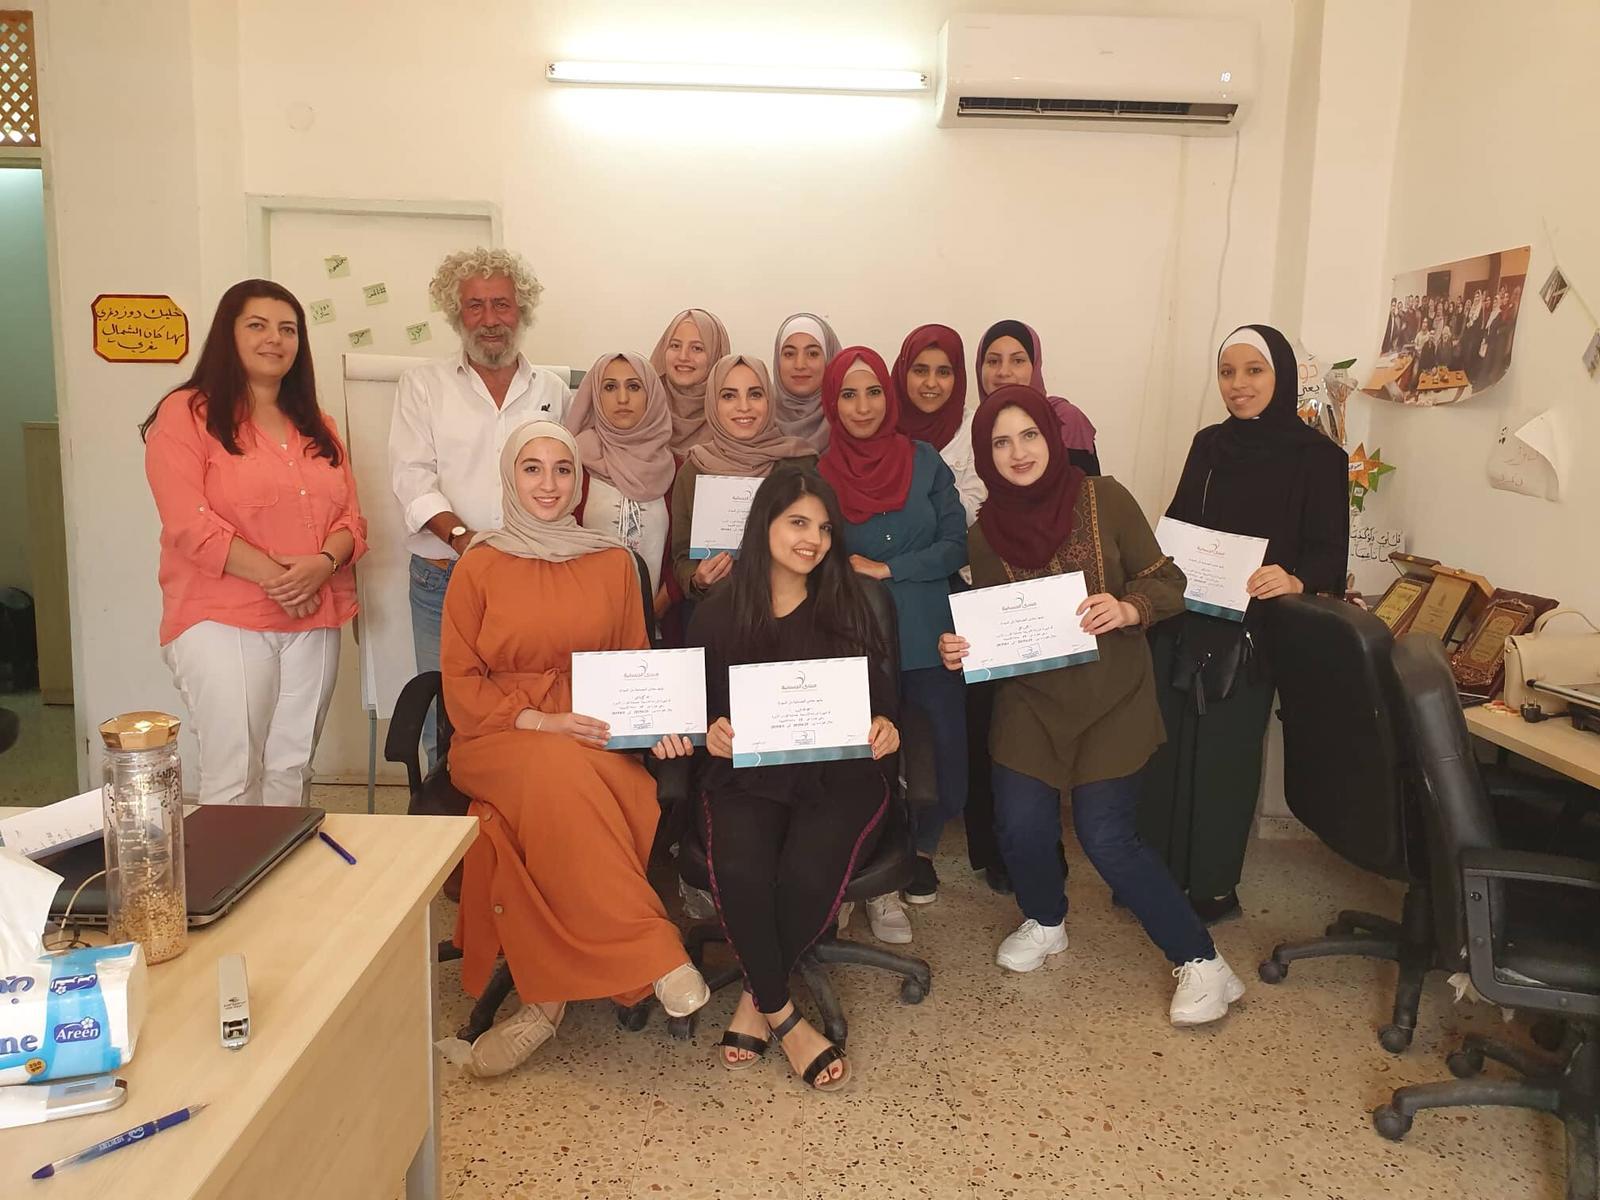 منتدى الجنسانية يختتم تدريباً بالجنسانية لمجموعة صحافيات بنابلس